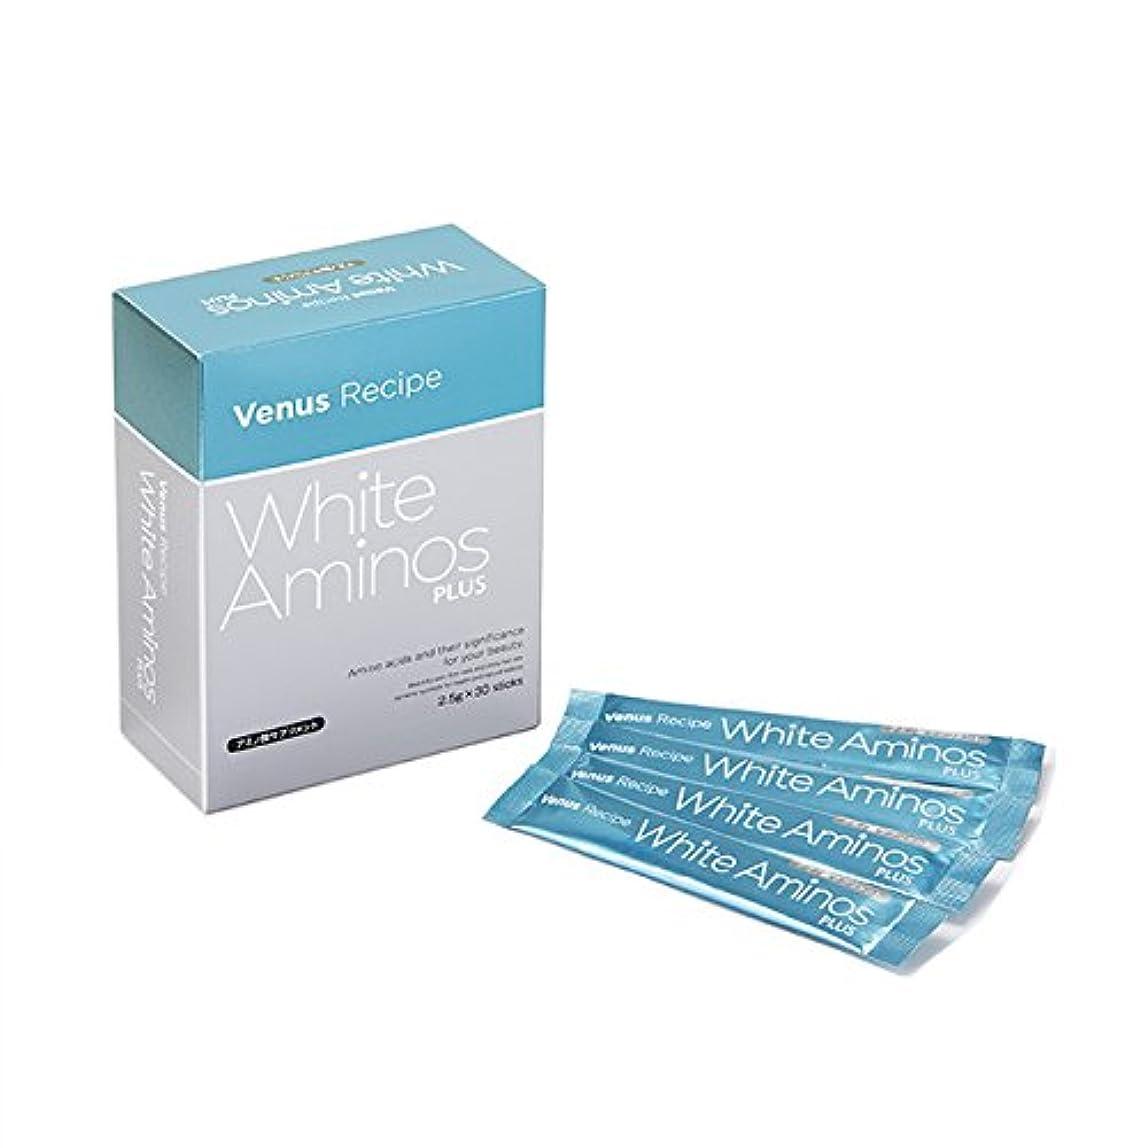 ショップ肥料診療所アクシージア (AXXZIA) ヴィーナスレシピ ホワイト アミノズ プラス 75g(2.5g×30包)| アミノ酸